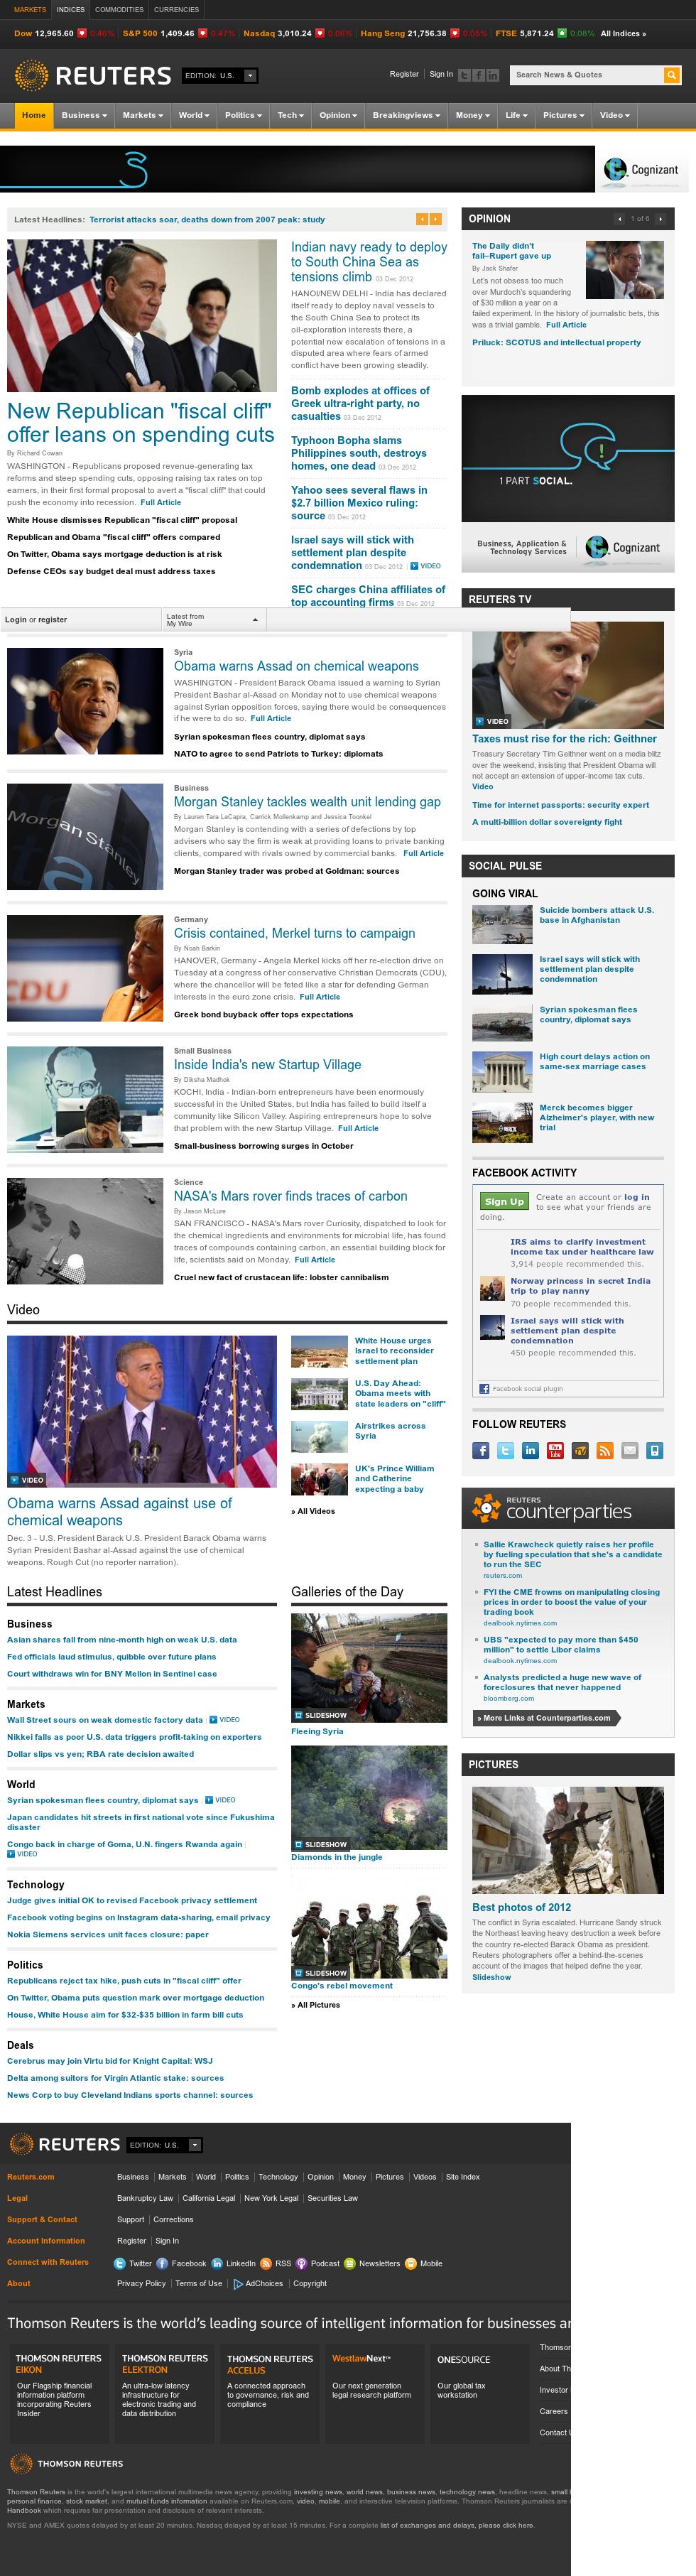 Reuters at Tuesday Dec. 4, 2012, 5:31 a.m. UTC